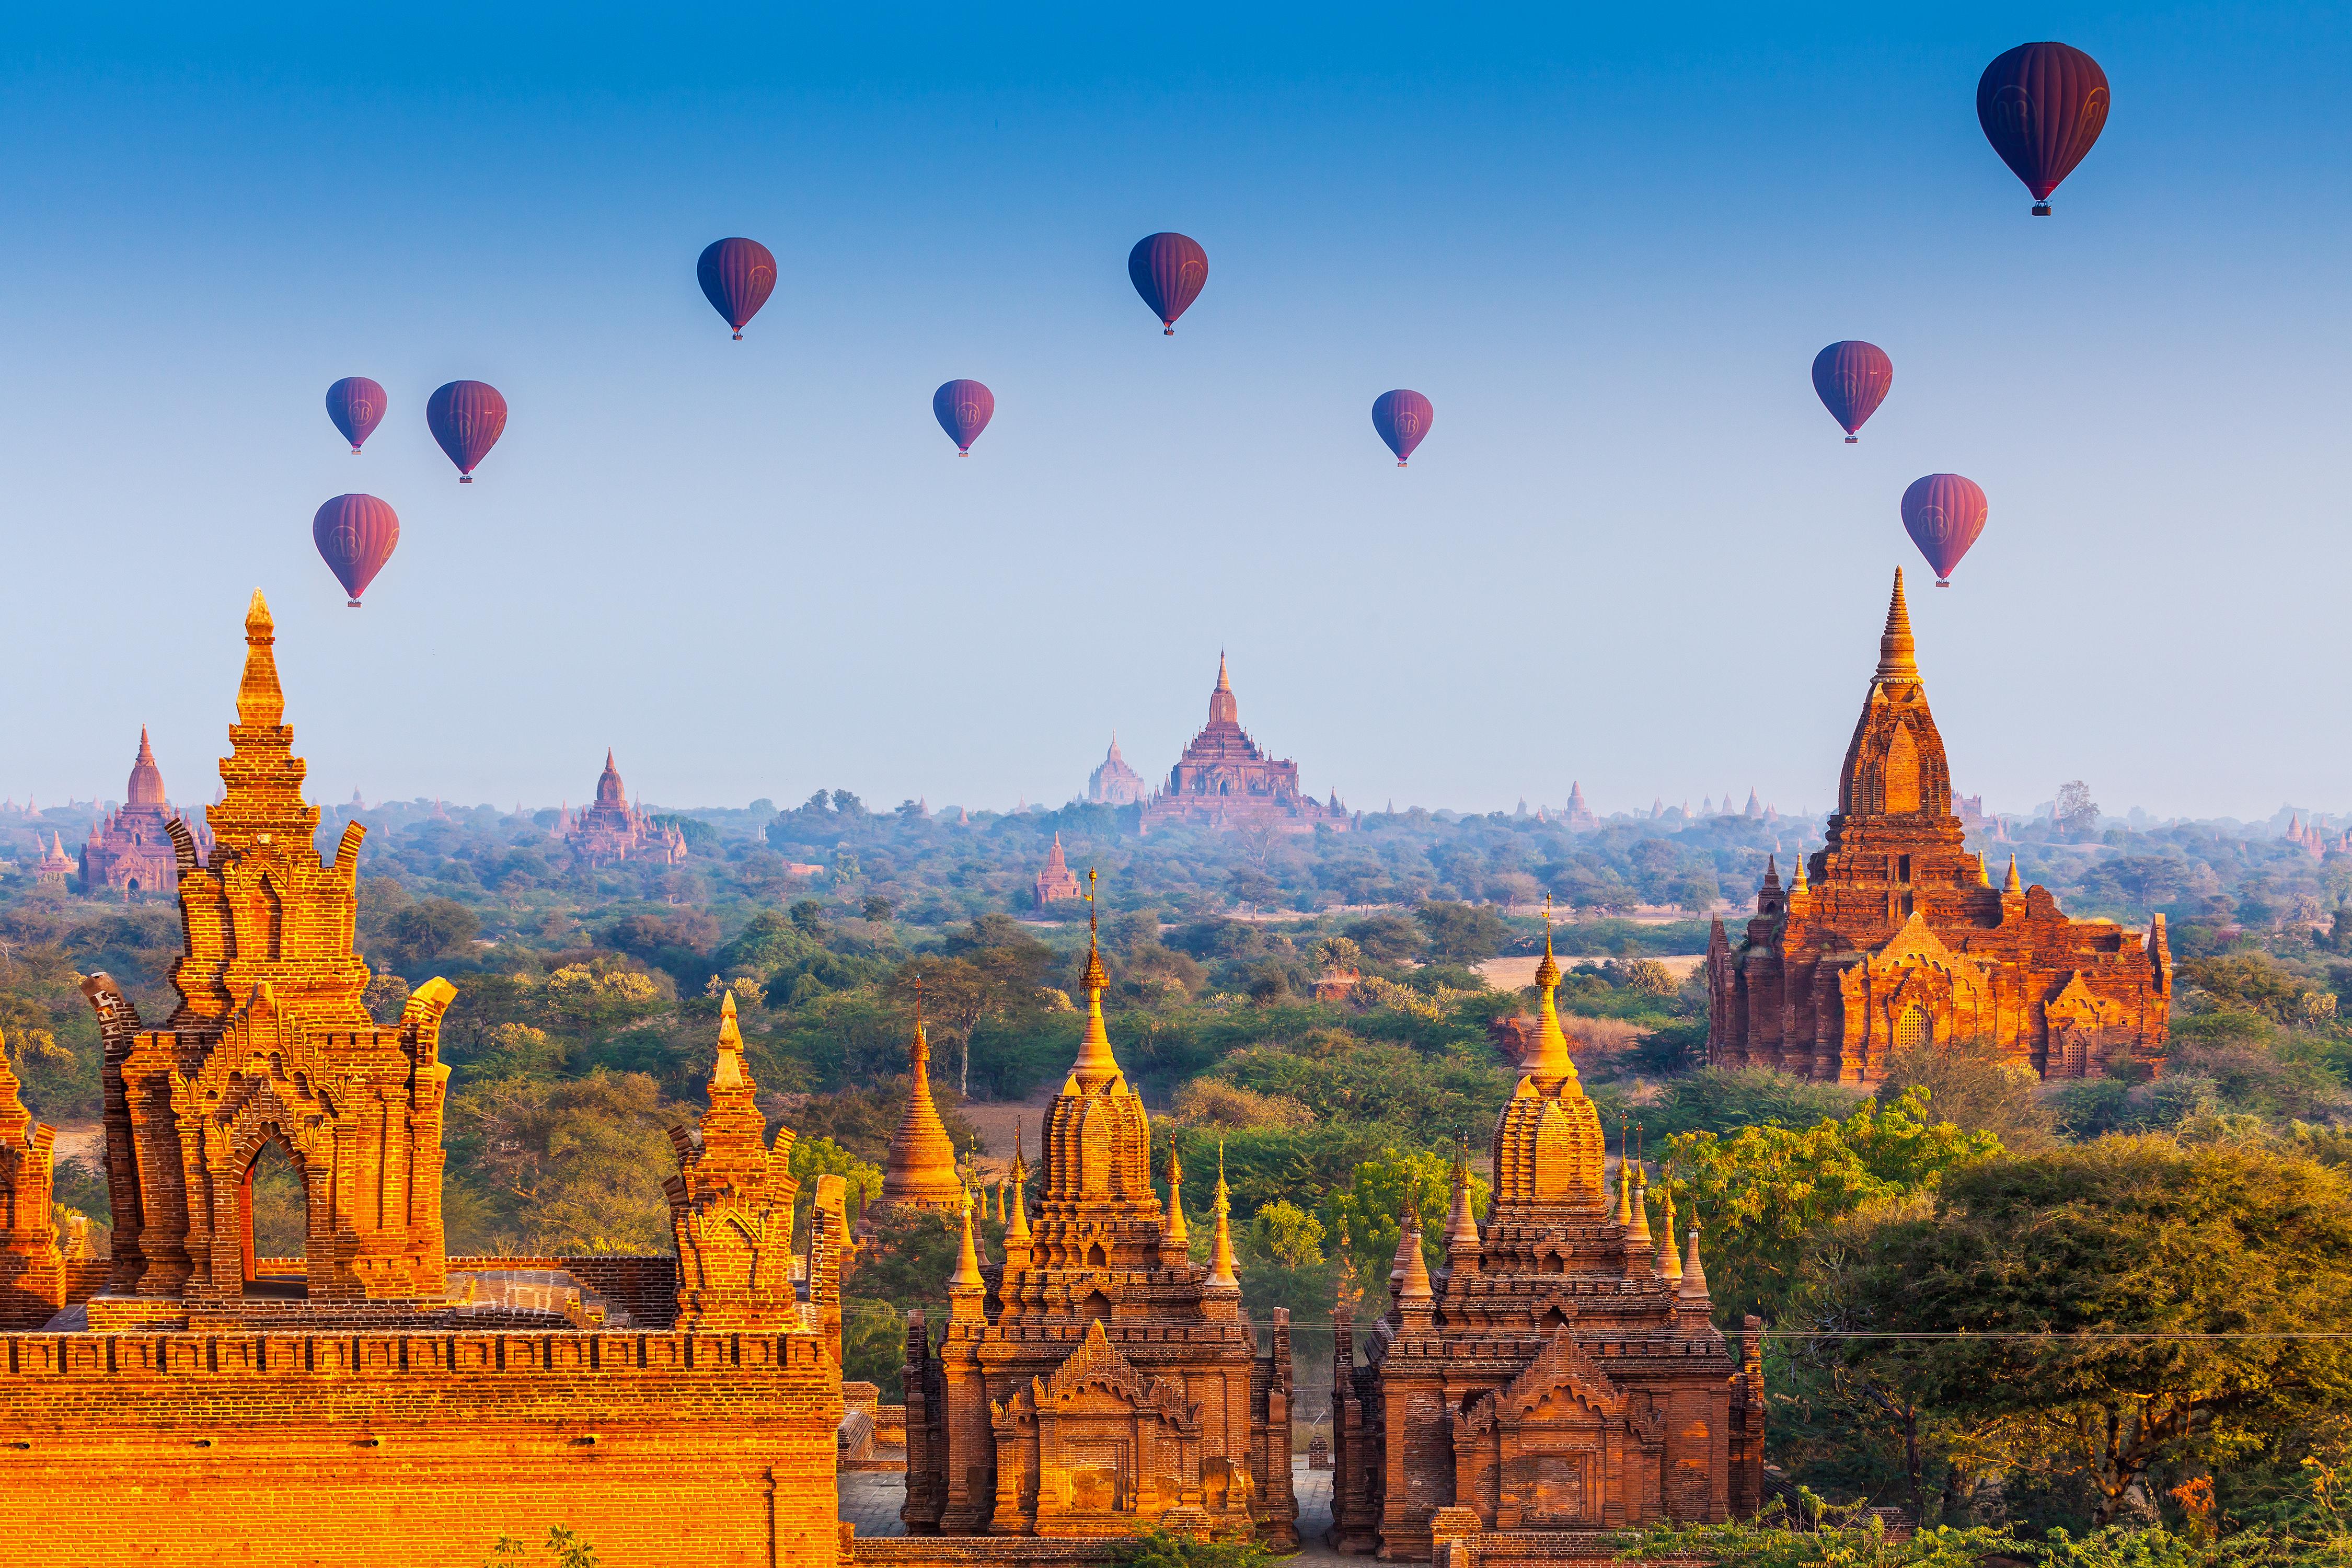 Templos em Bagan, Myanmar